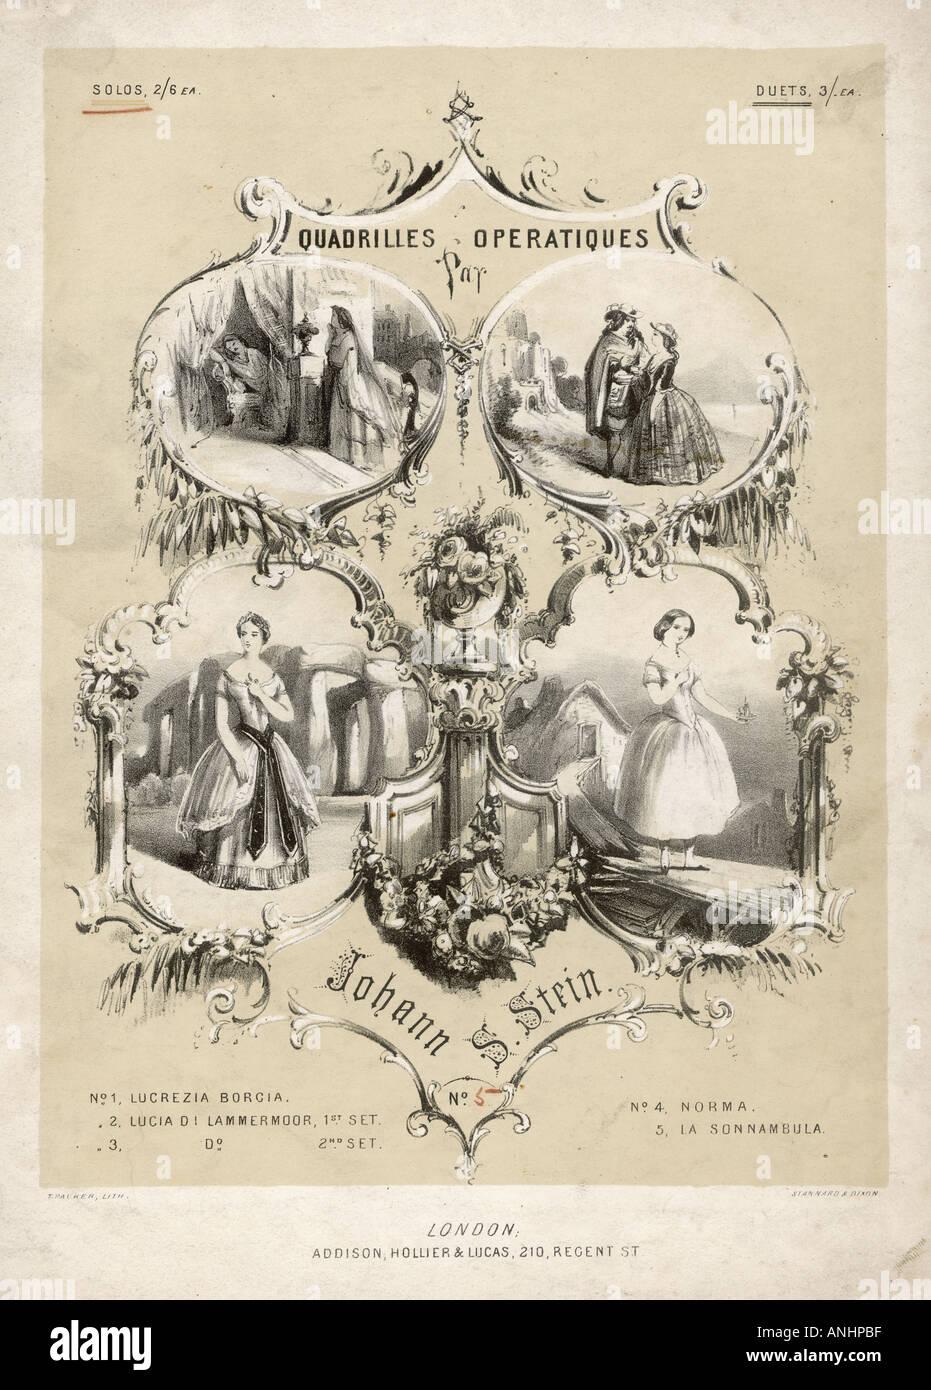 Opera Quadrilles 19c - Stock Image